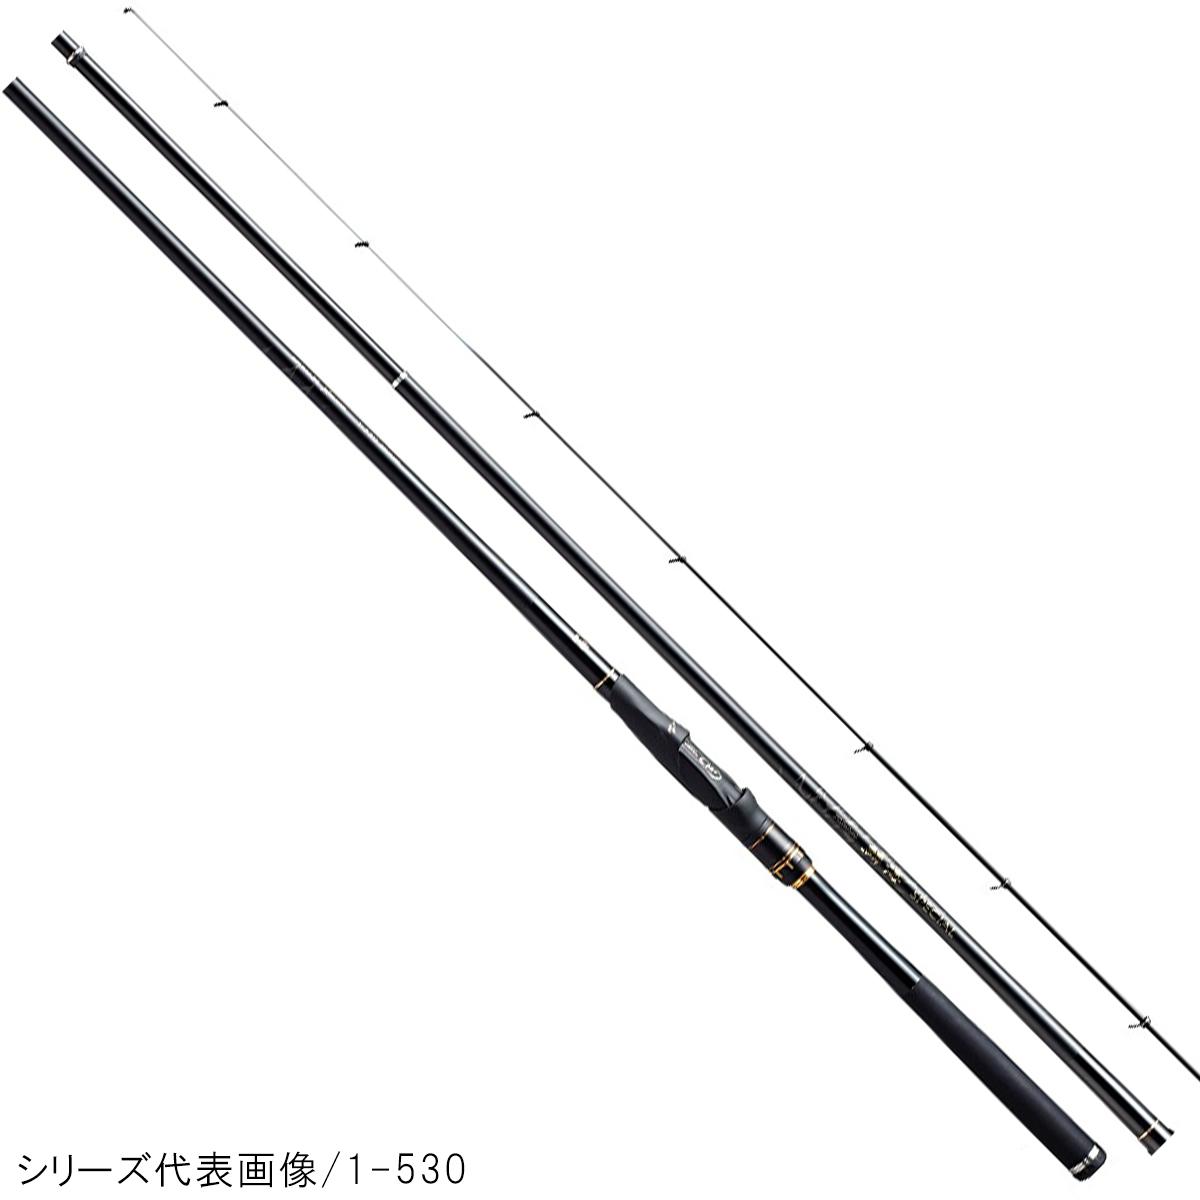 シマノ 鱗海 スペシャル 08-500(東日本店)